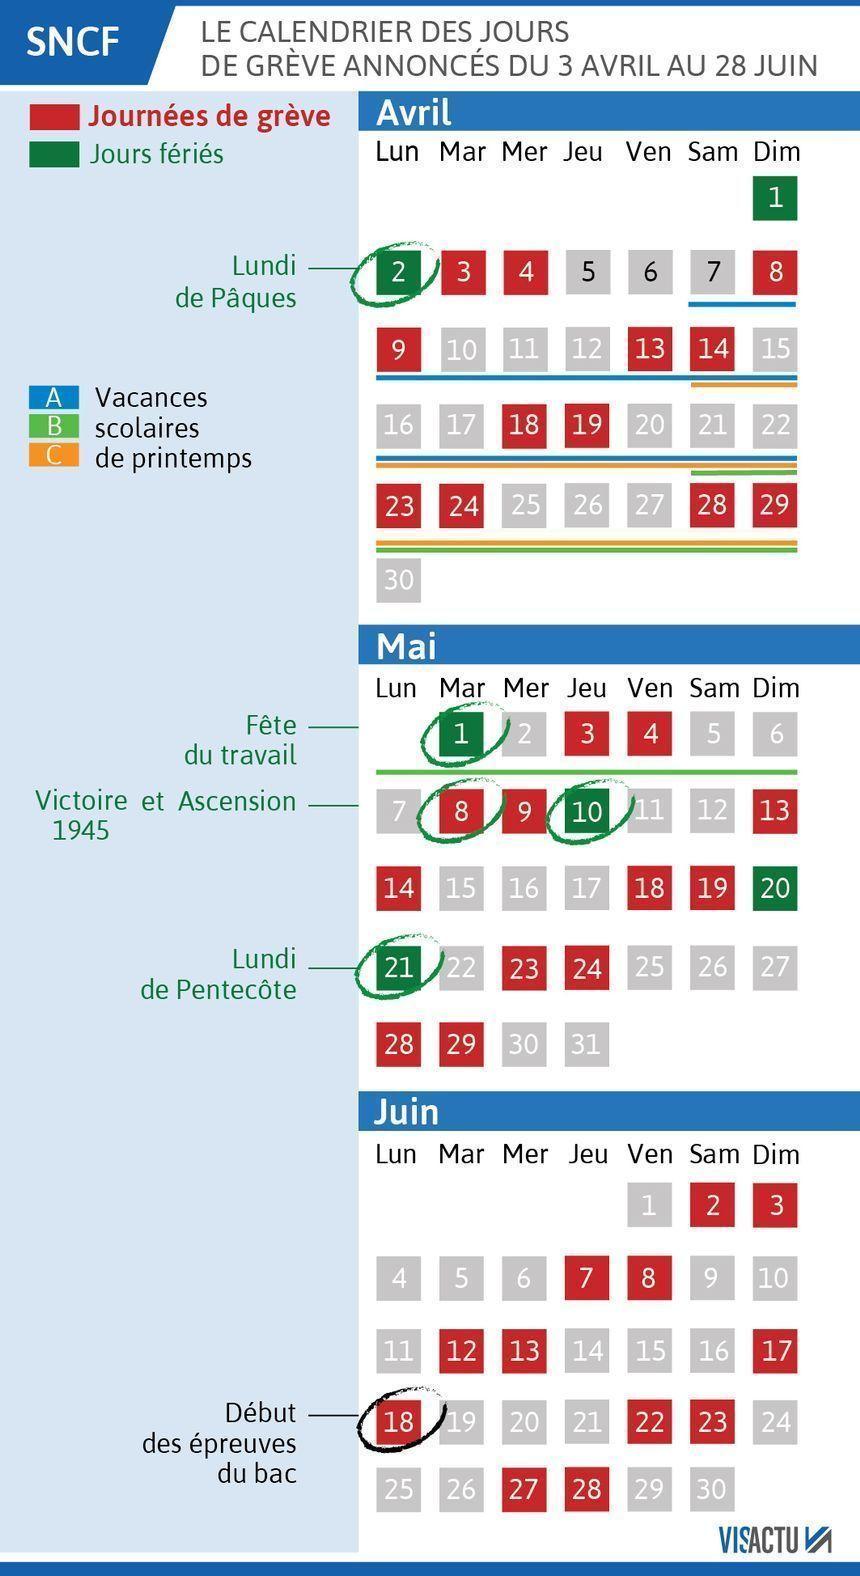 Le calendrier des grèves d'avril à juin.